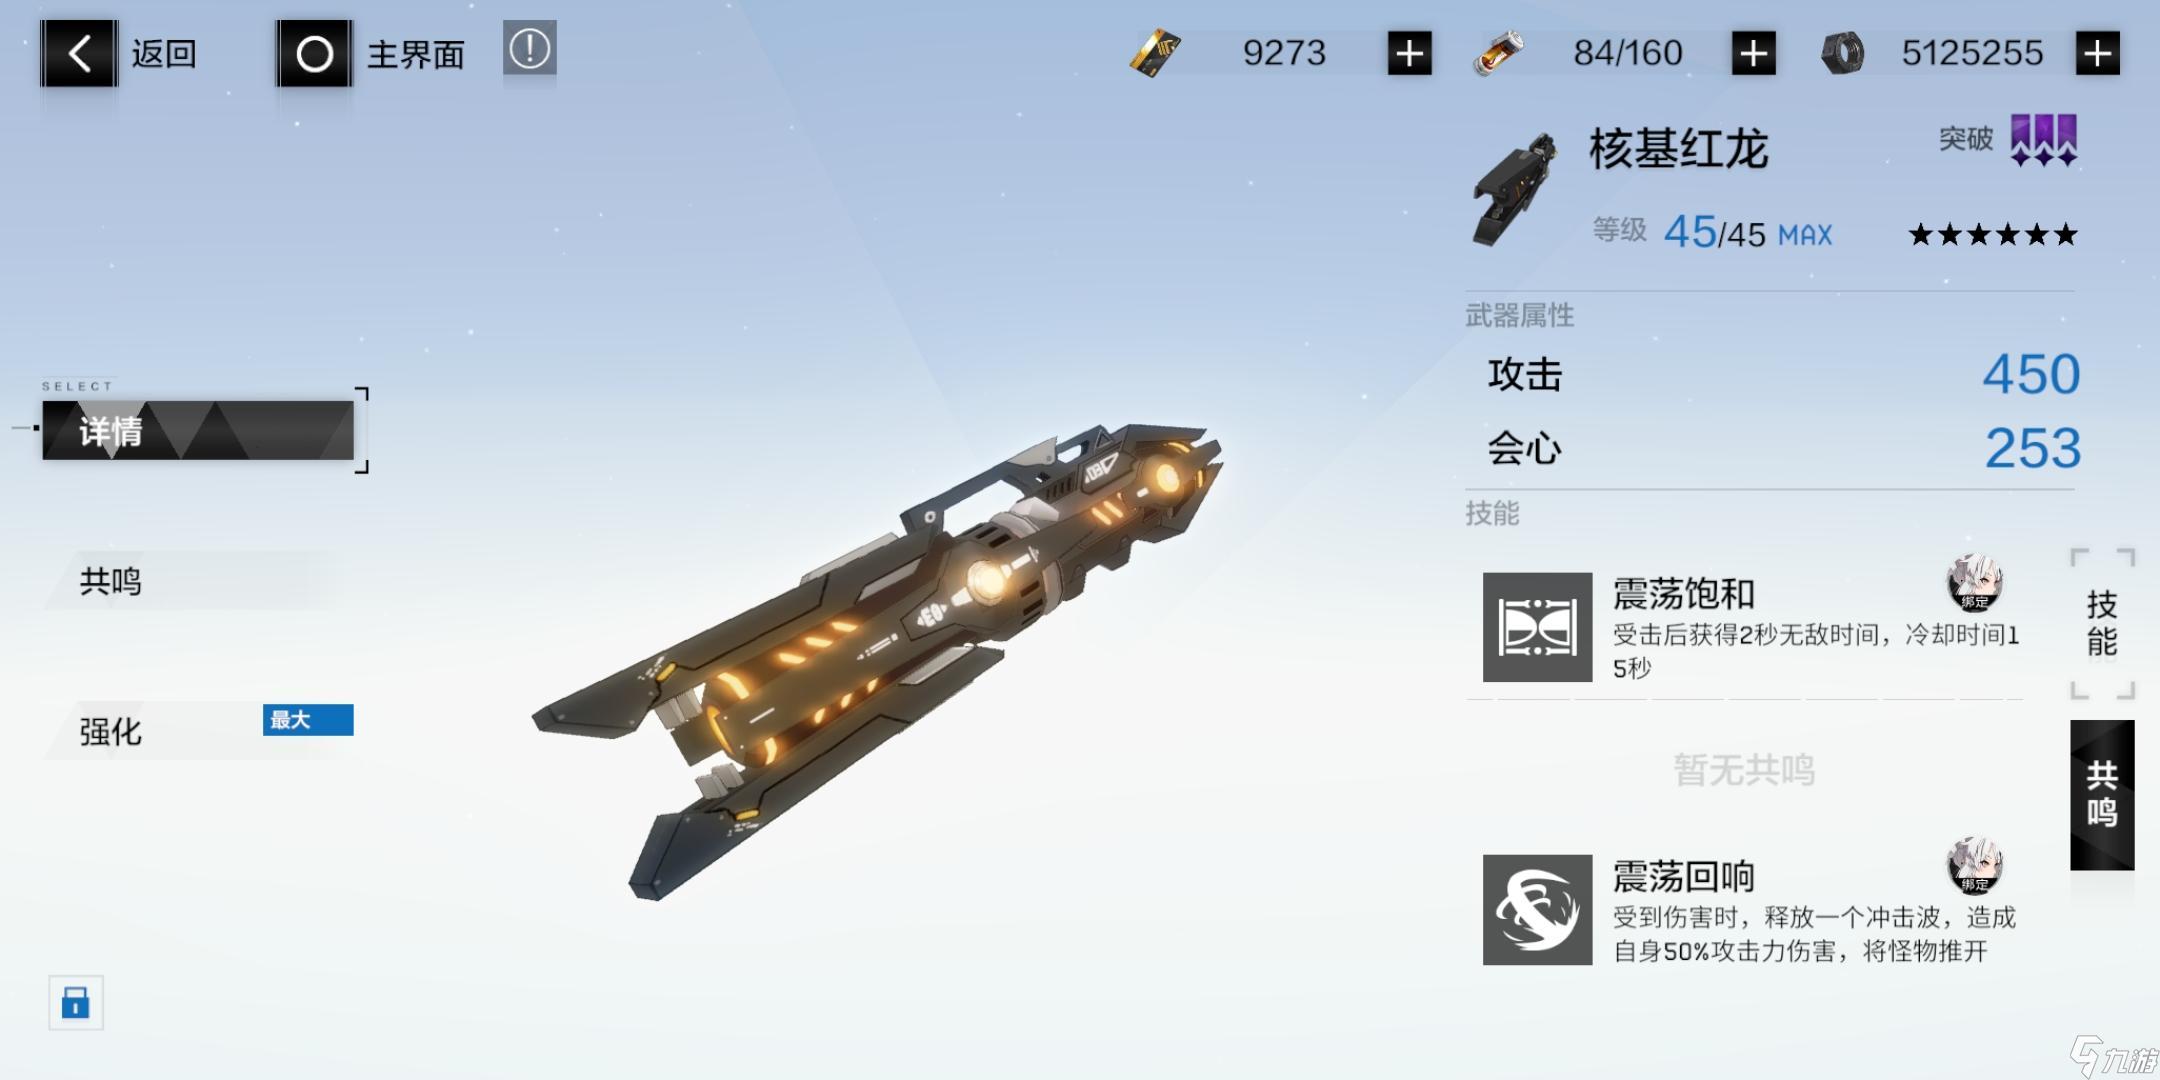 战双帕弥什新版武器共鸣如何弄 新版武器共鸣推荐